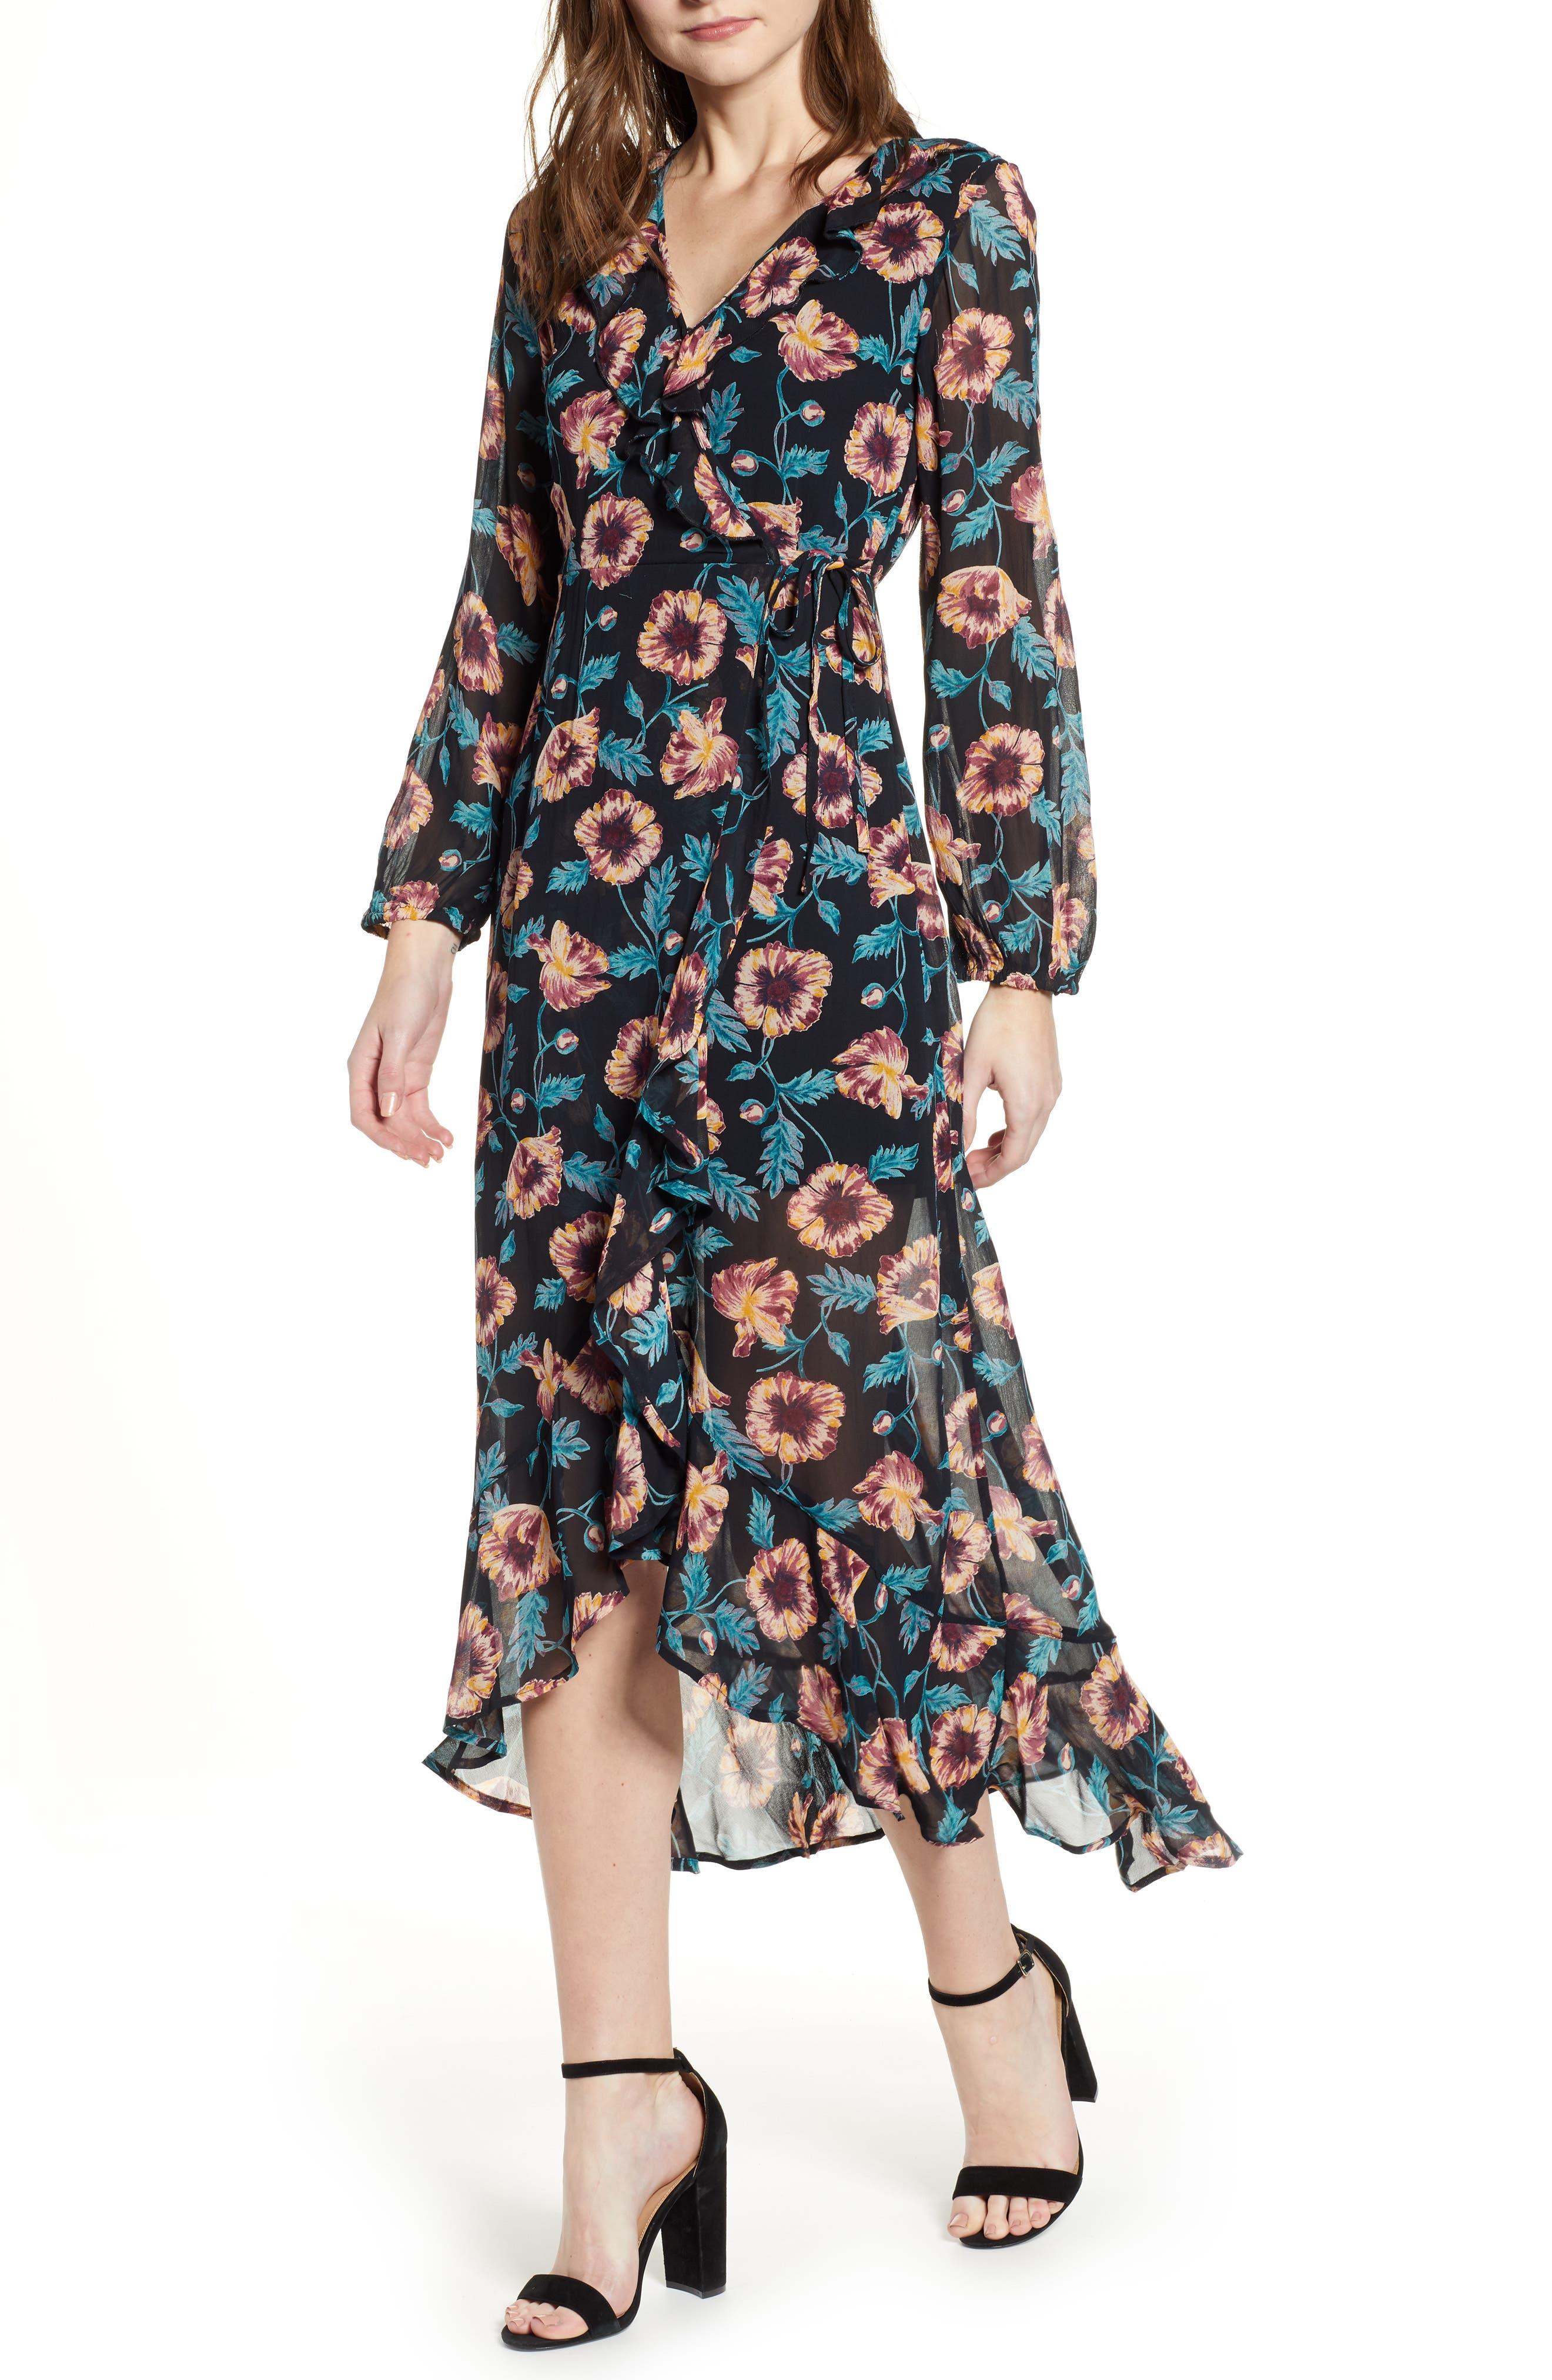 Gypsy Formal Dresses